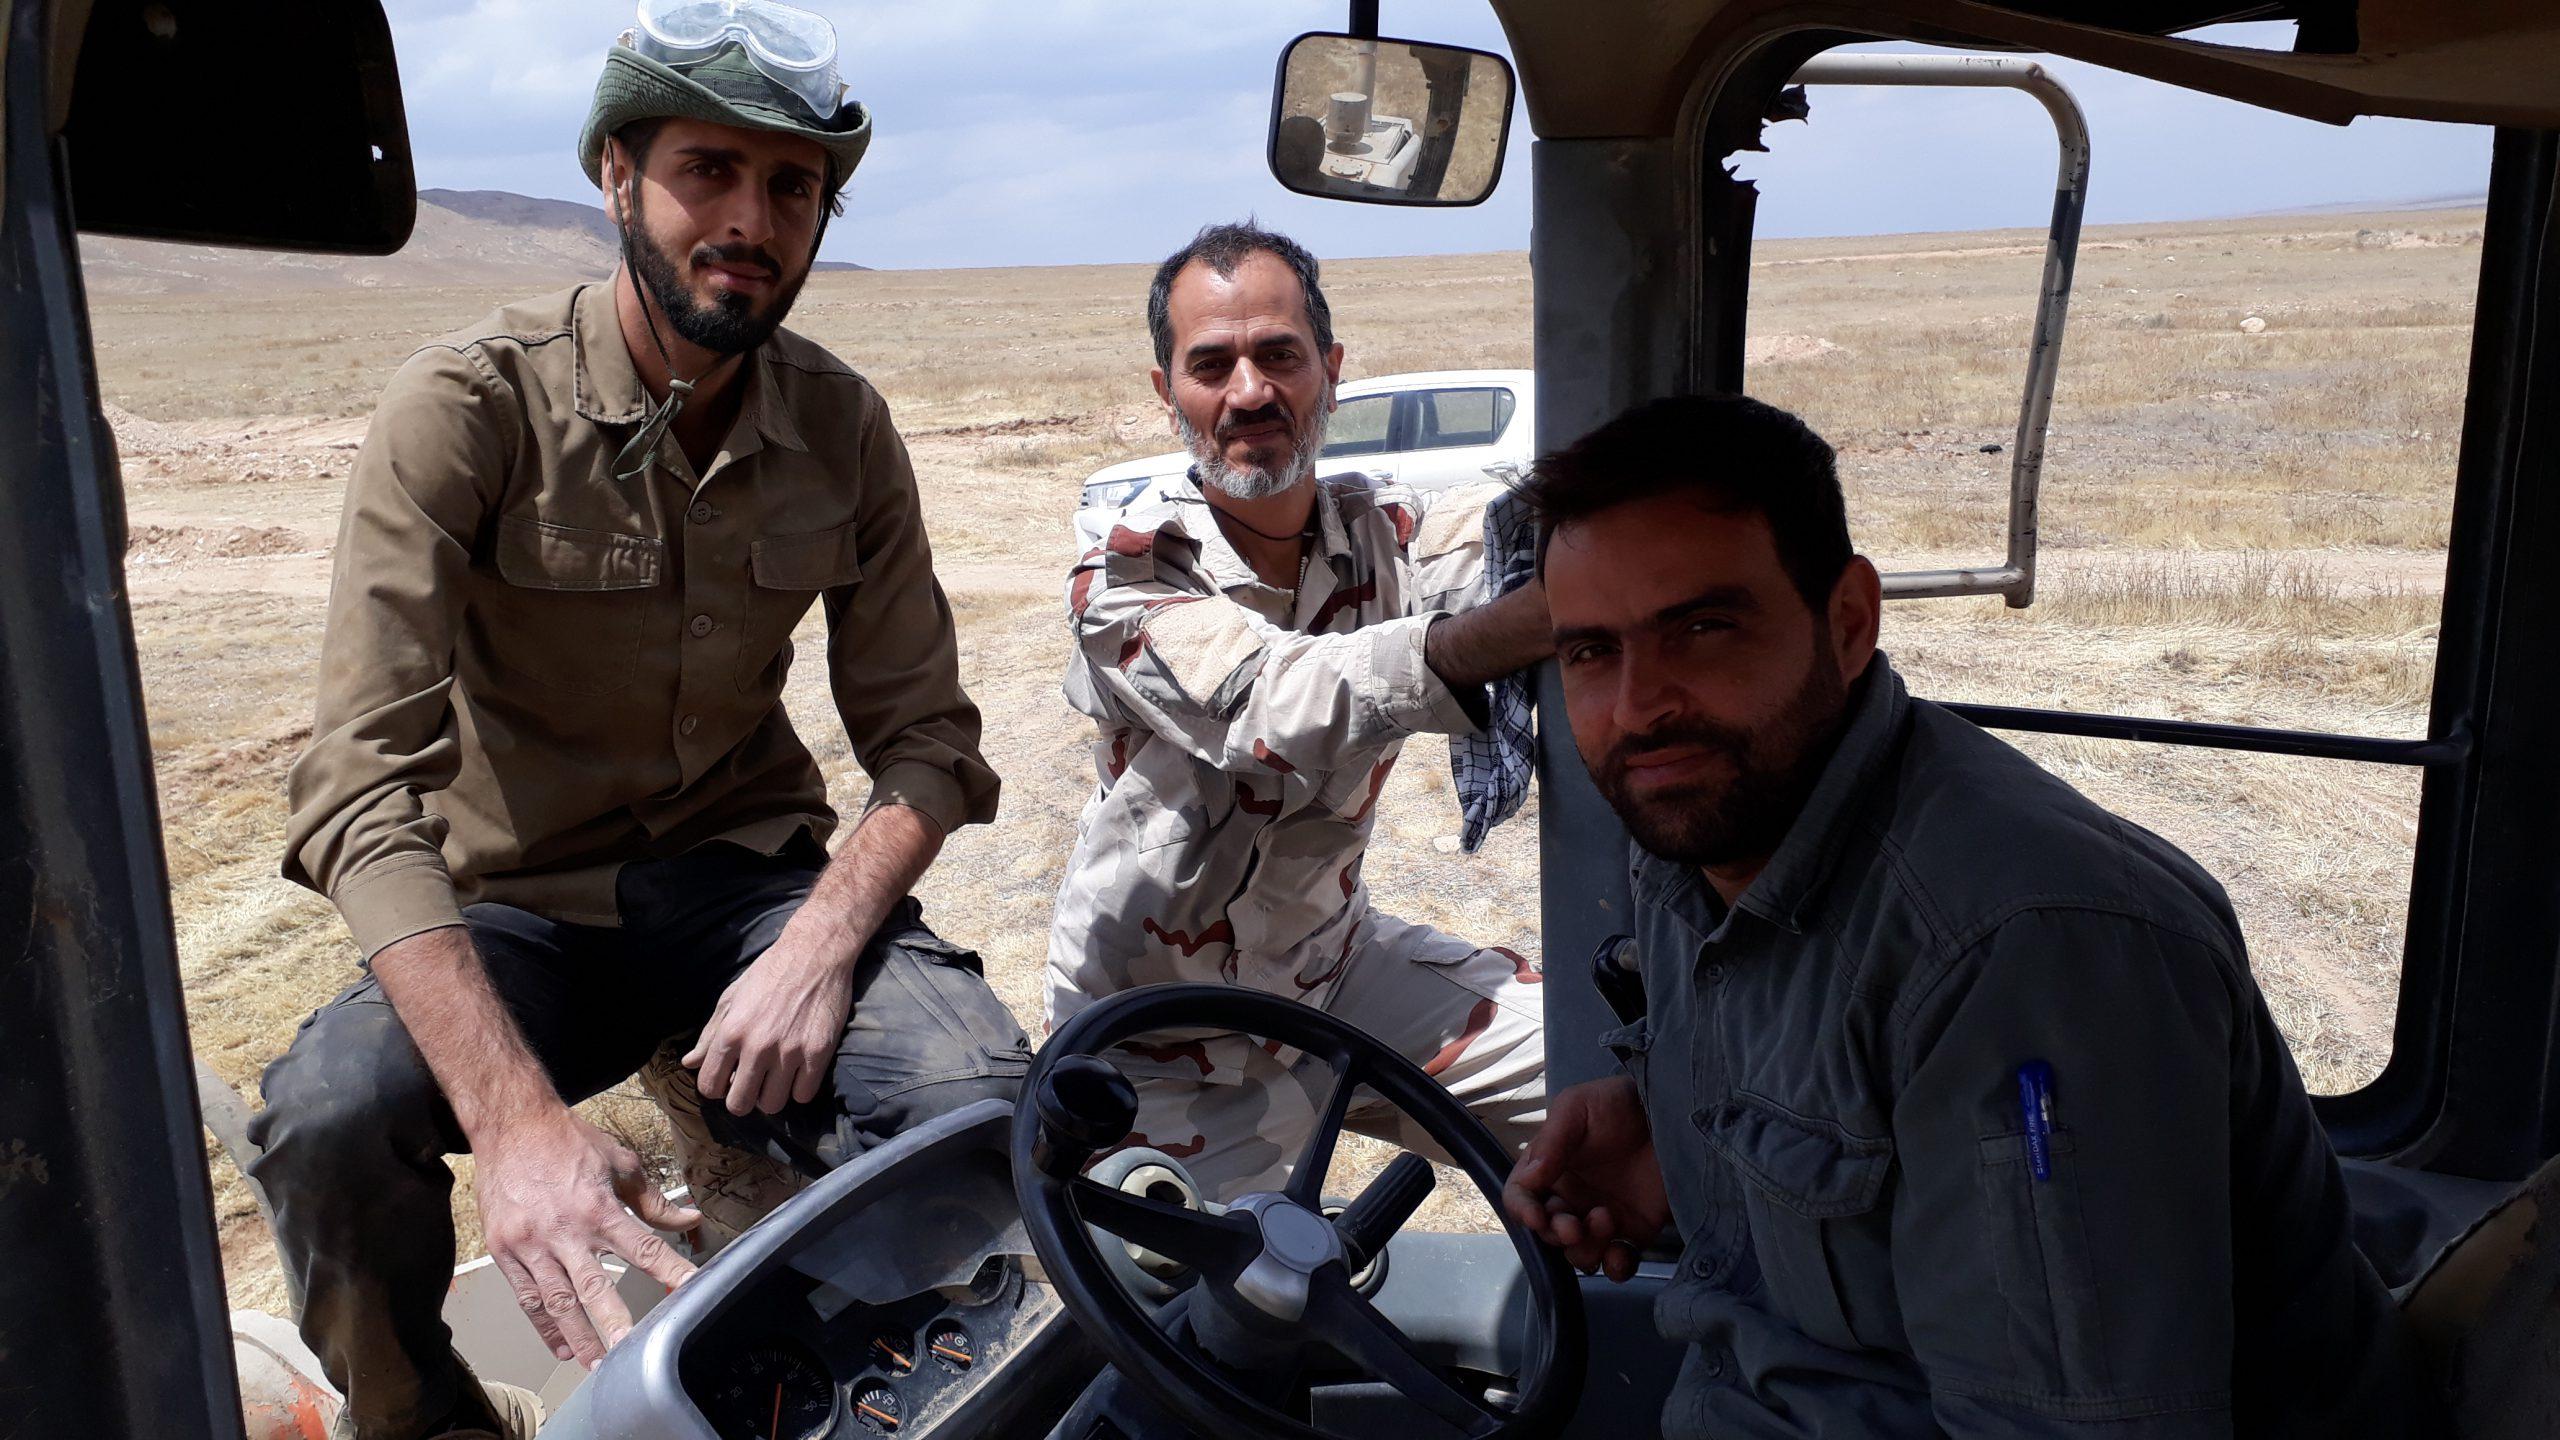 سازمان ها و واحدهای مهندسی فعال در جنگ تحمیلی